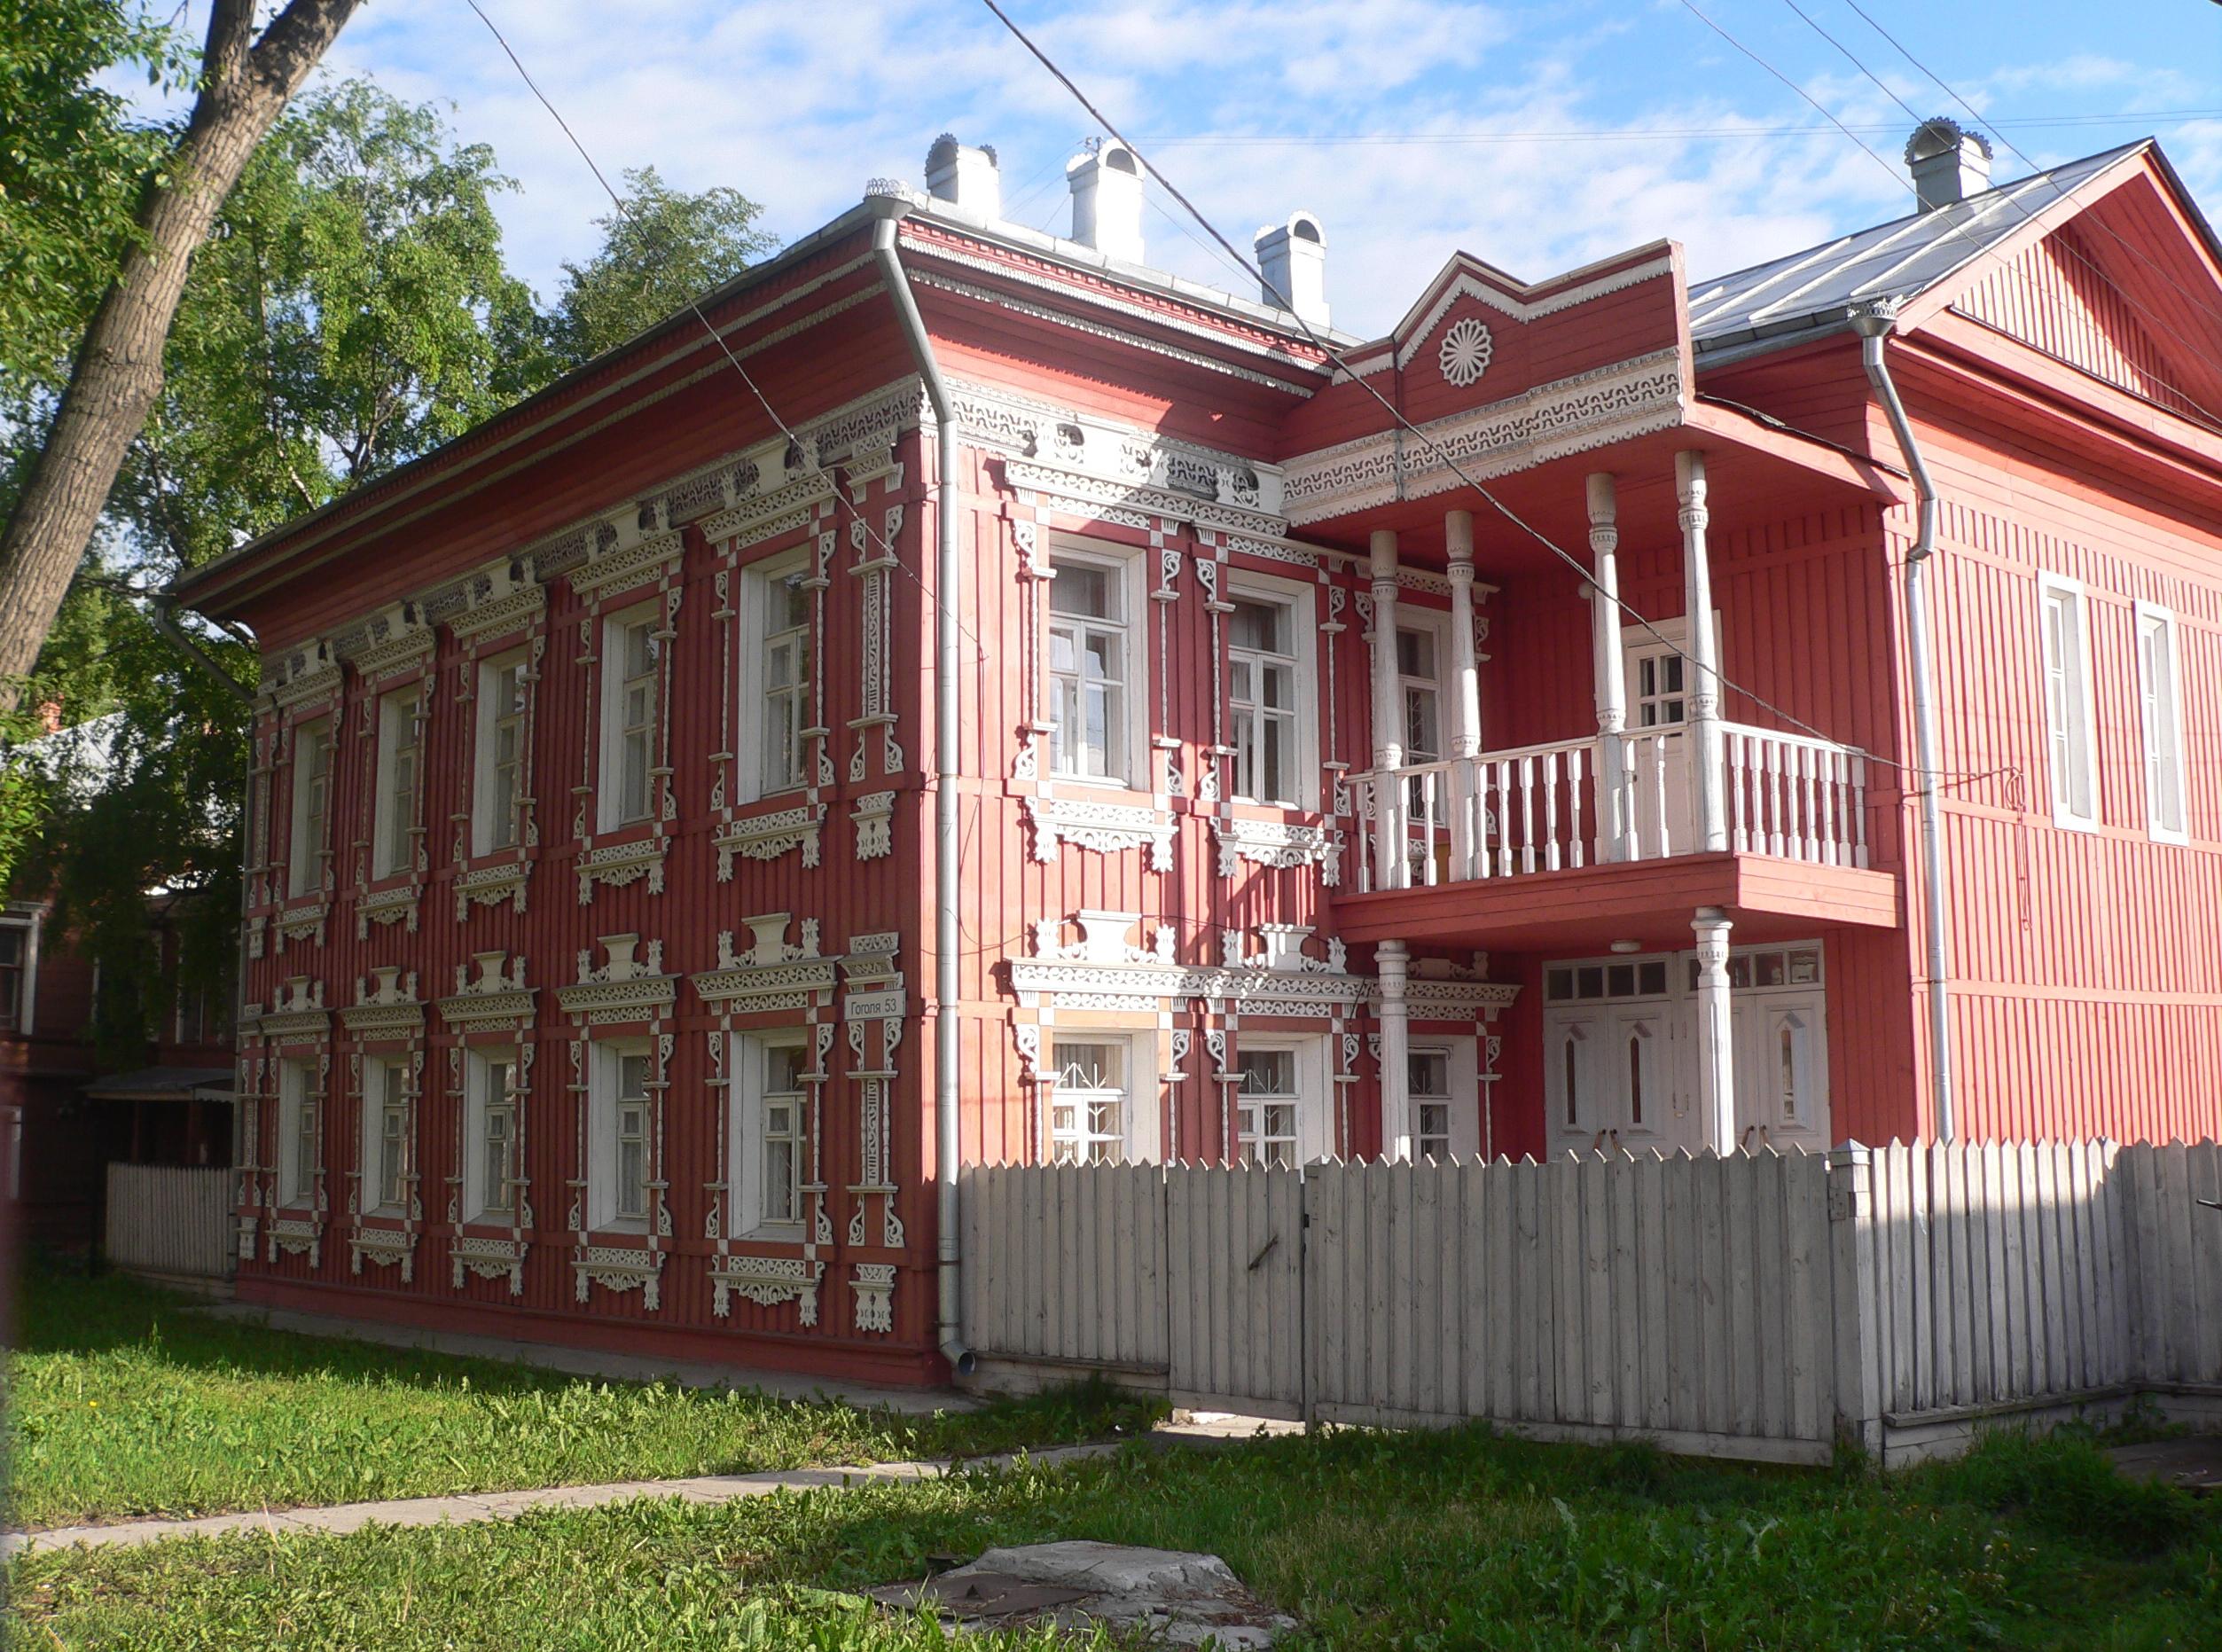 Фото вологодских деревянных домов